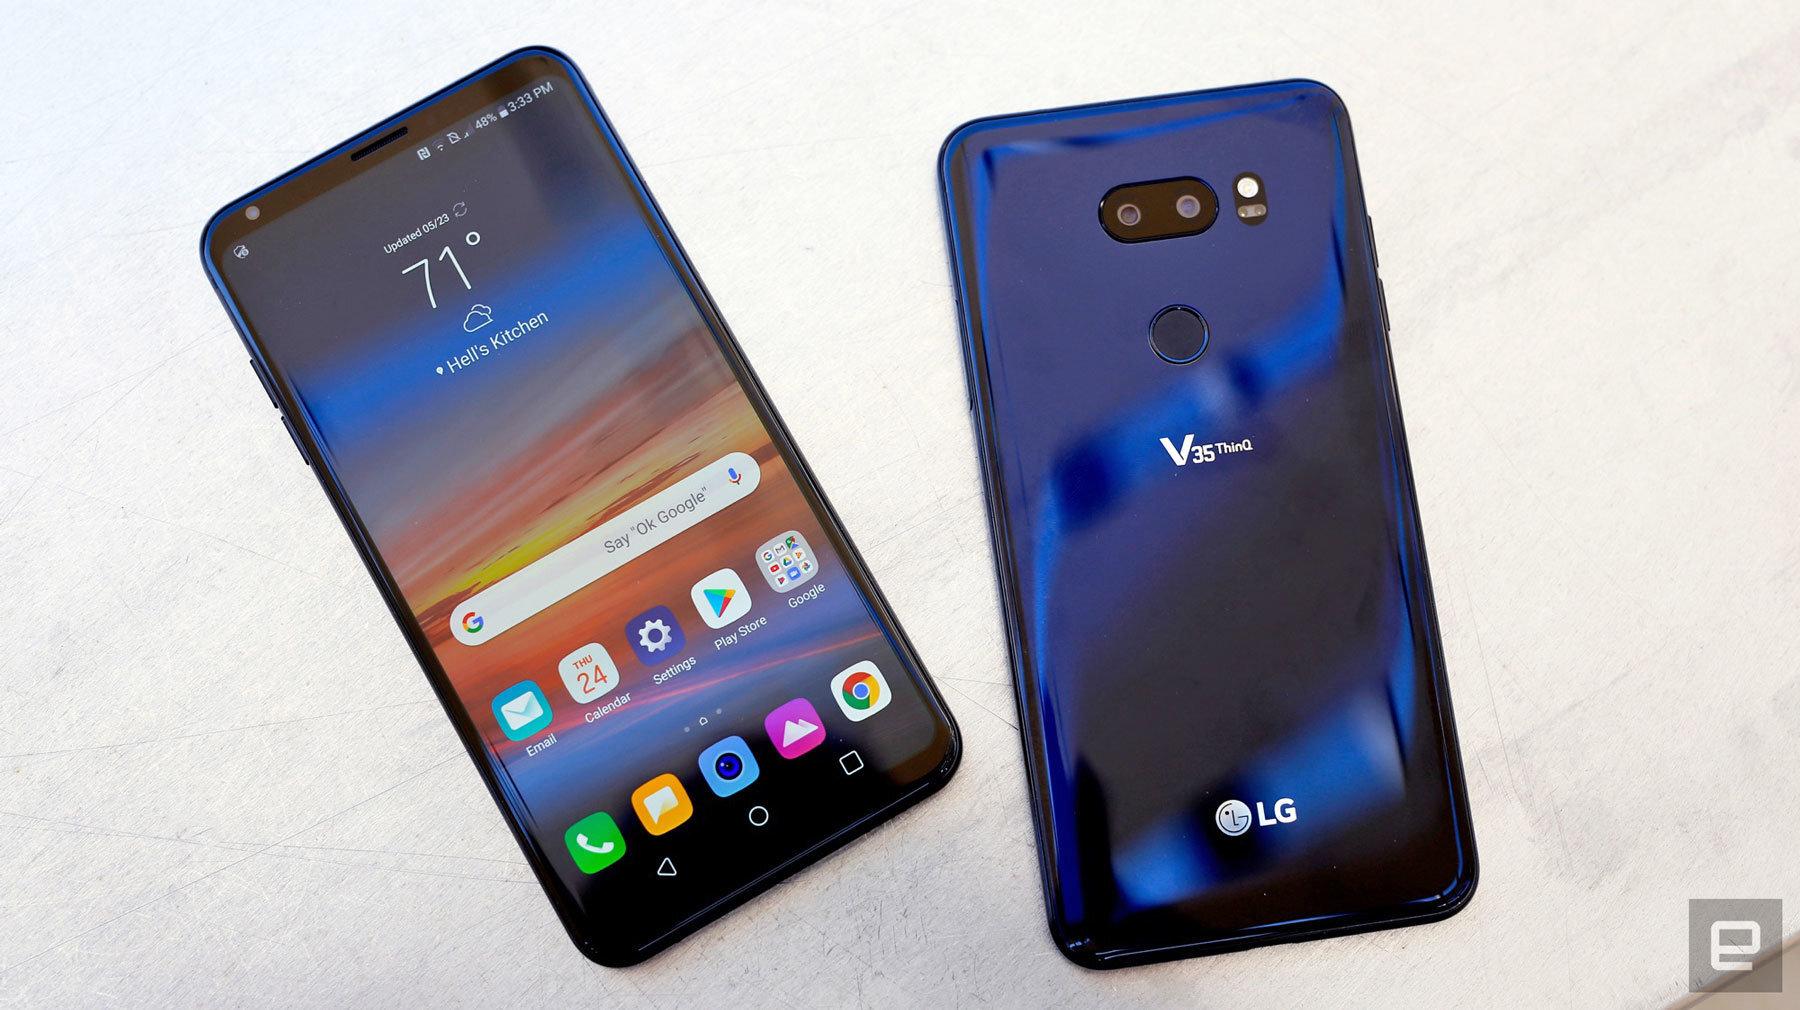 LG V35 ThinQ đem công nghệ sạc nhanh vào trong sản phẩm, giúp bạn nạp đầy năng lượng cho điện thoại chỉ sau 100 phút ngắn ngủi